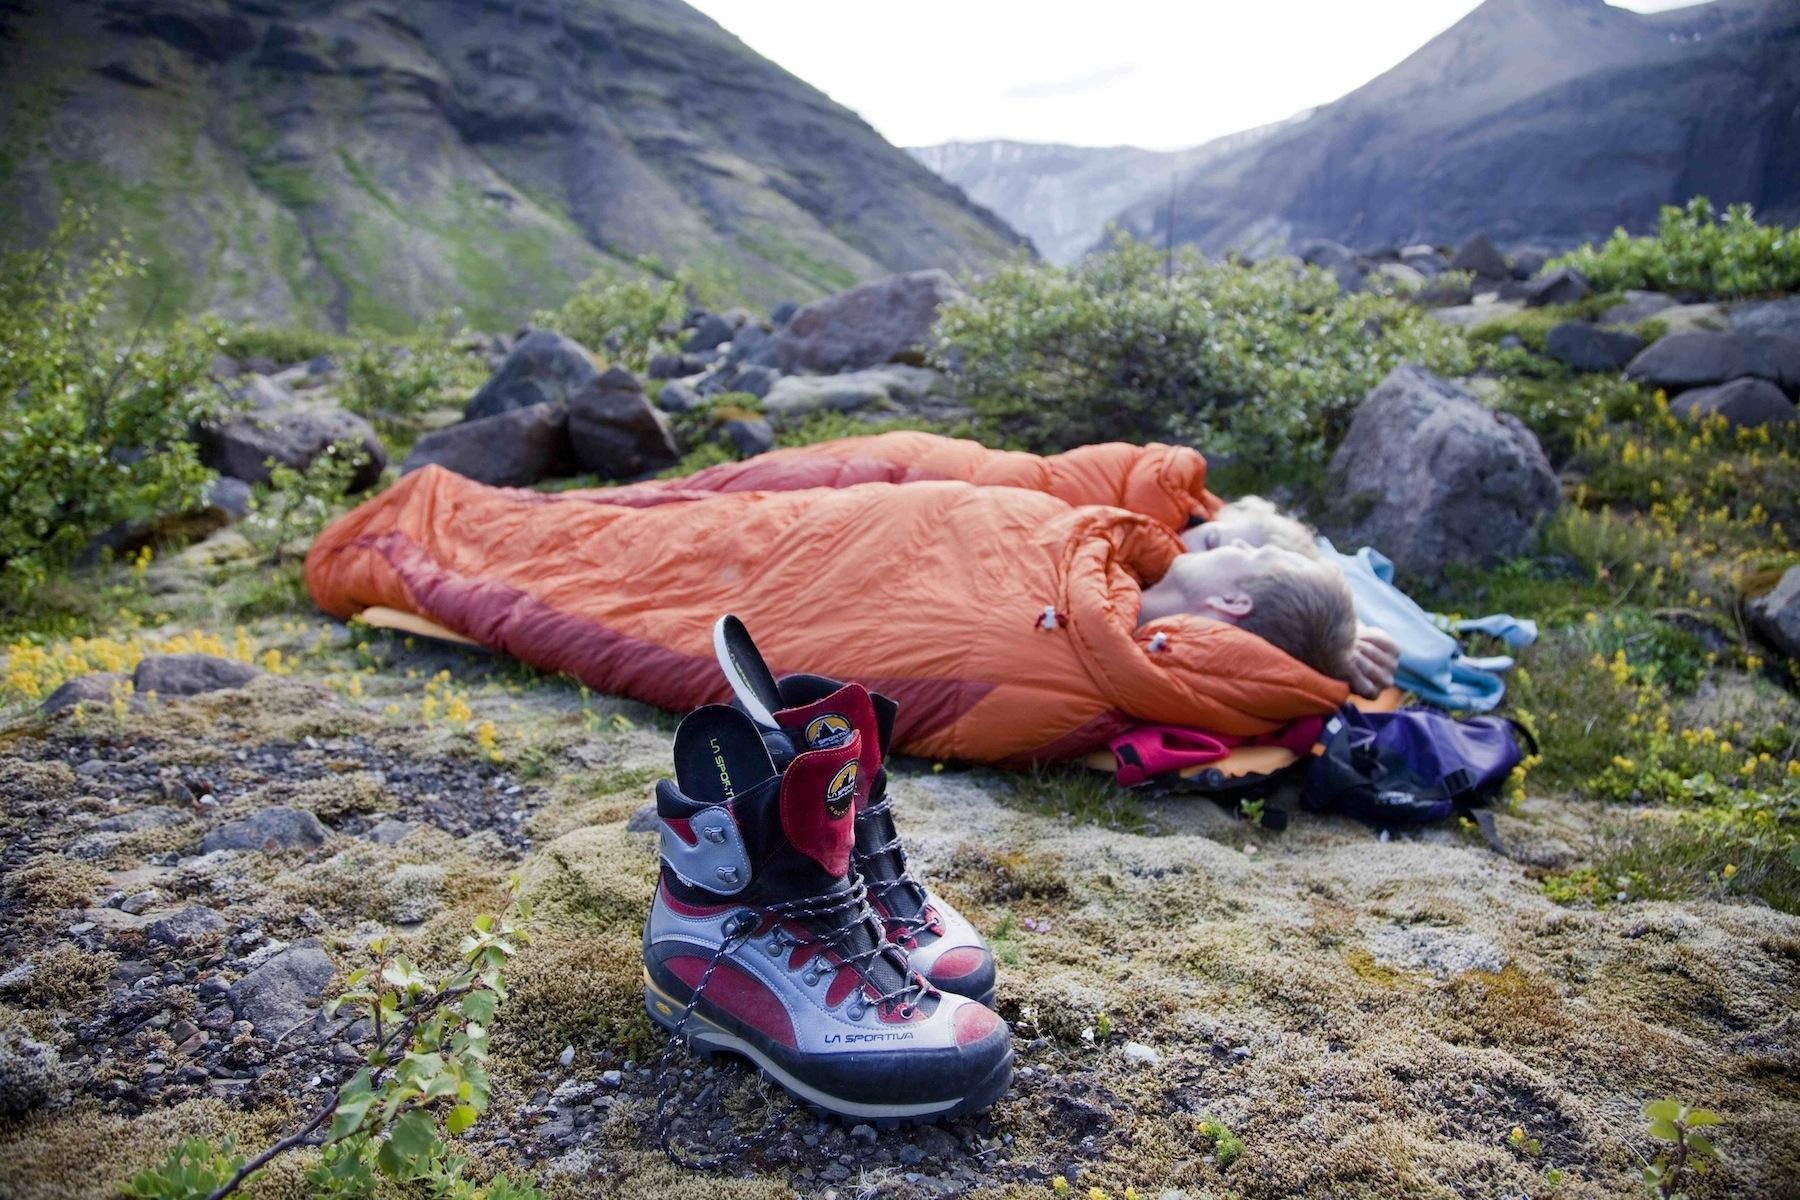 Islannin luonto luo oivat puitteet kuhertelulle. (Kuva: Björgvin Hilmarsson)